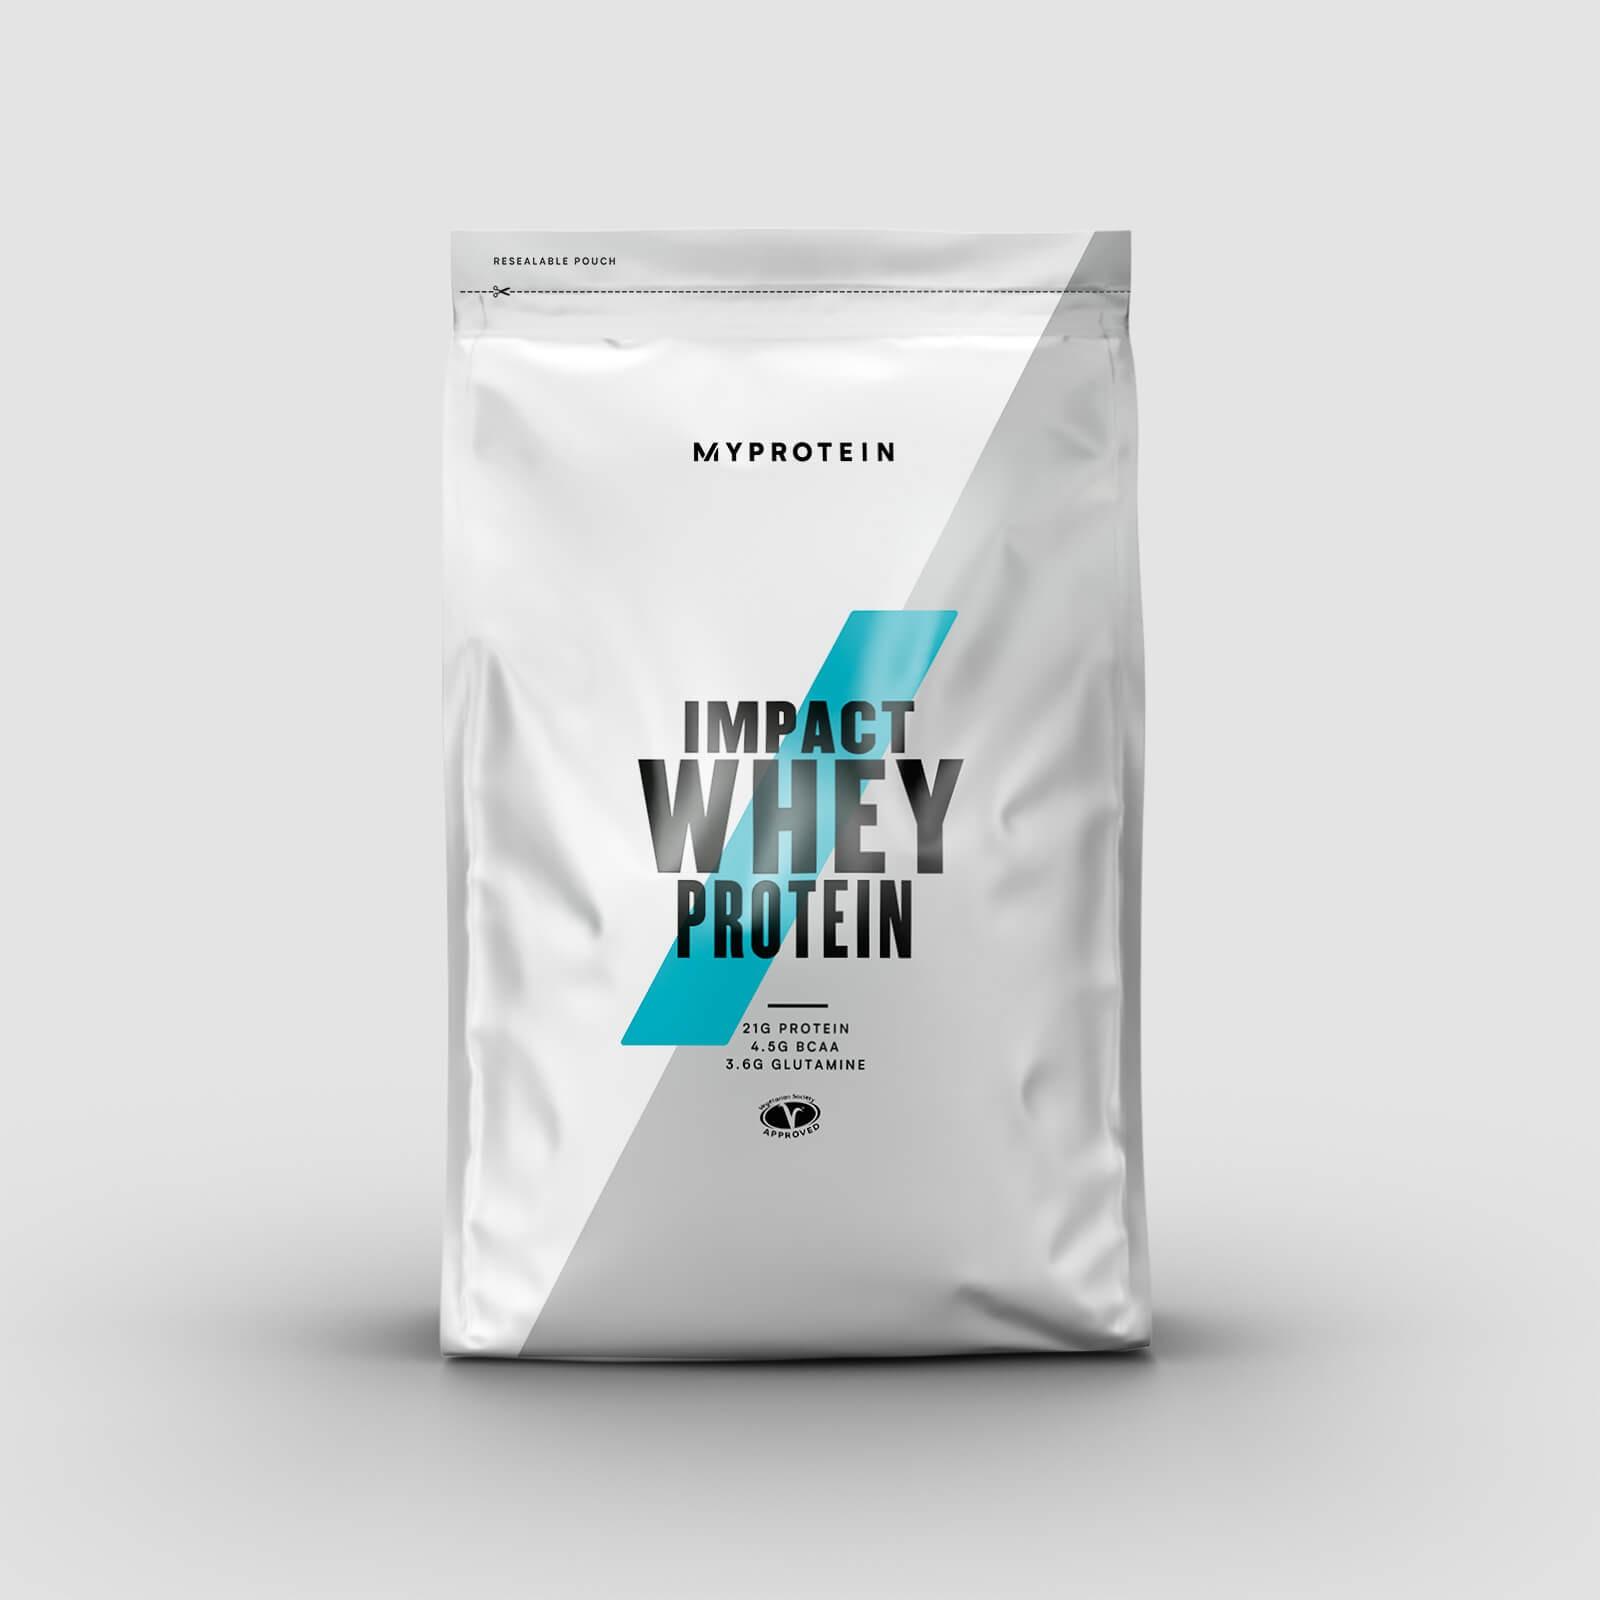 MyProtein IMPACT WHEY PROTEIN Příchuť: Bílá čokoláda, Hmotnost: 5000g